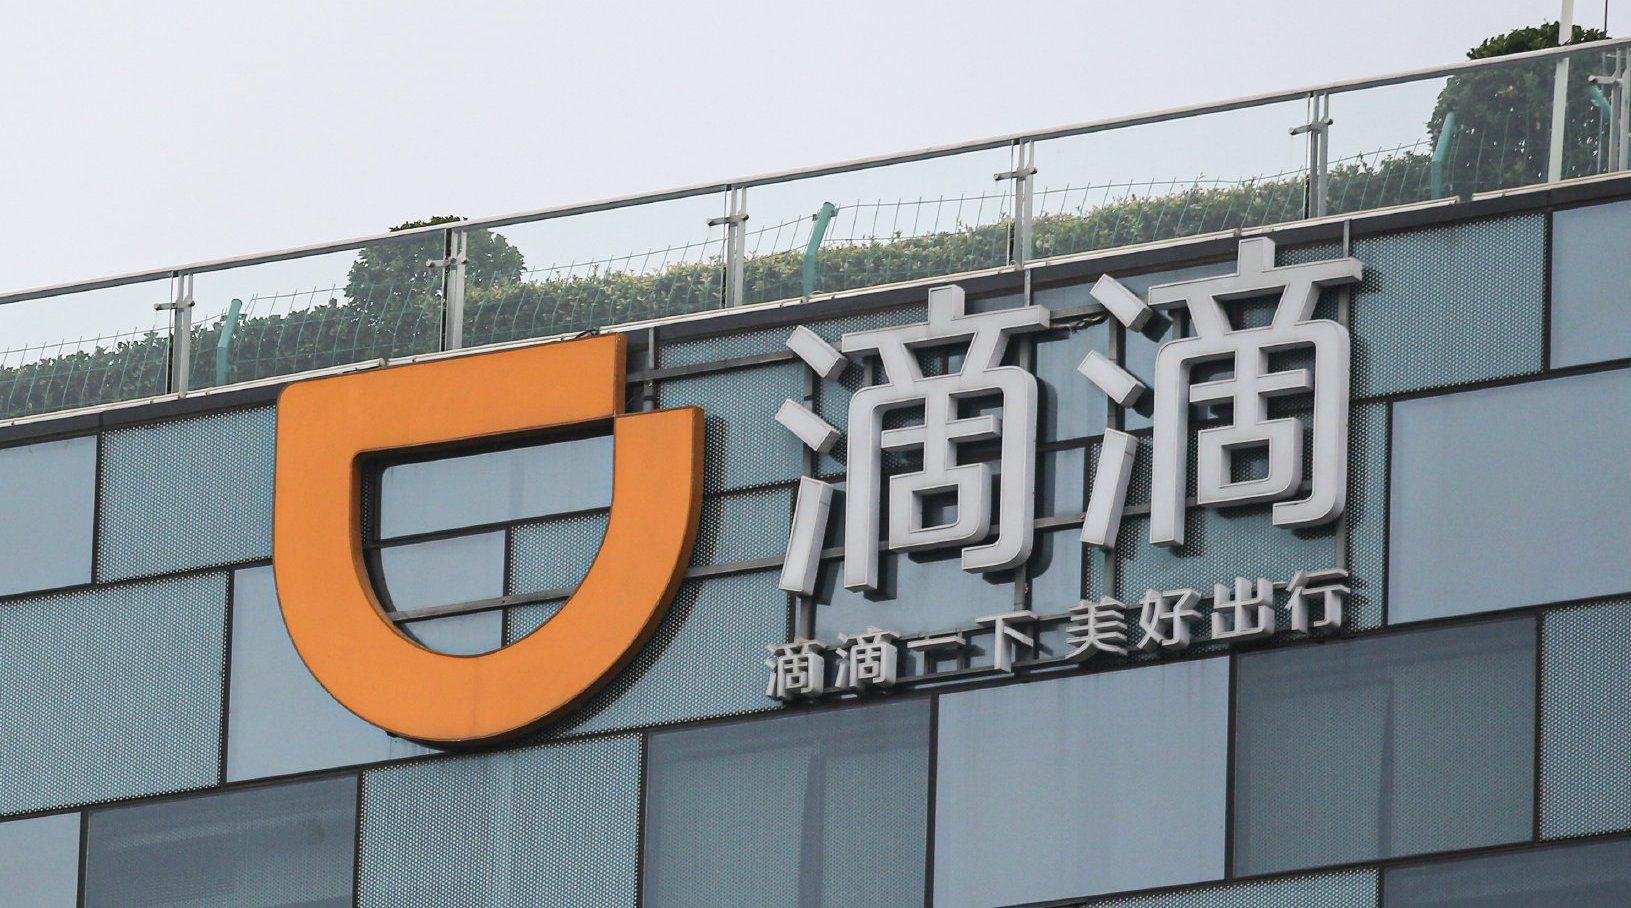 """滴滴回应""""北京市政府协调有关企业入股""""传言:消息不实"""